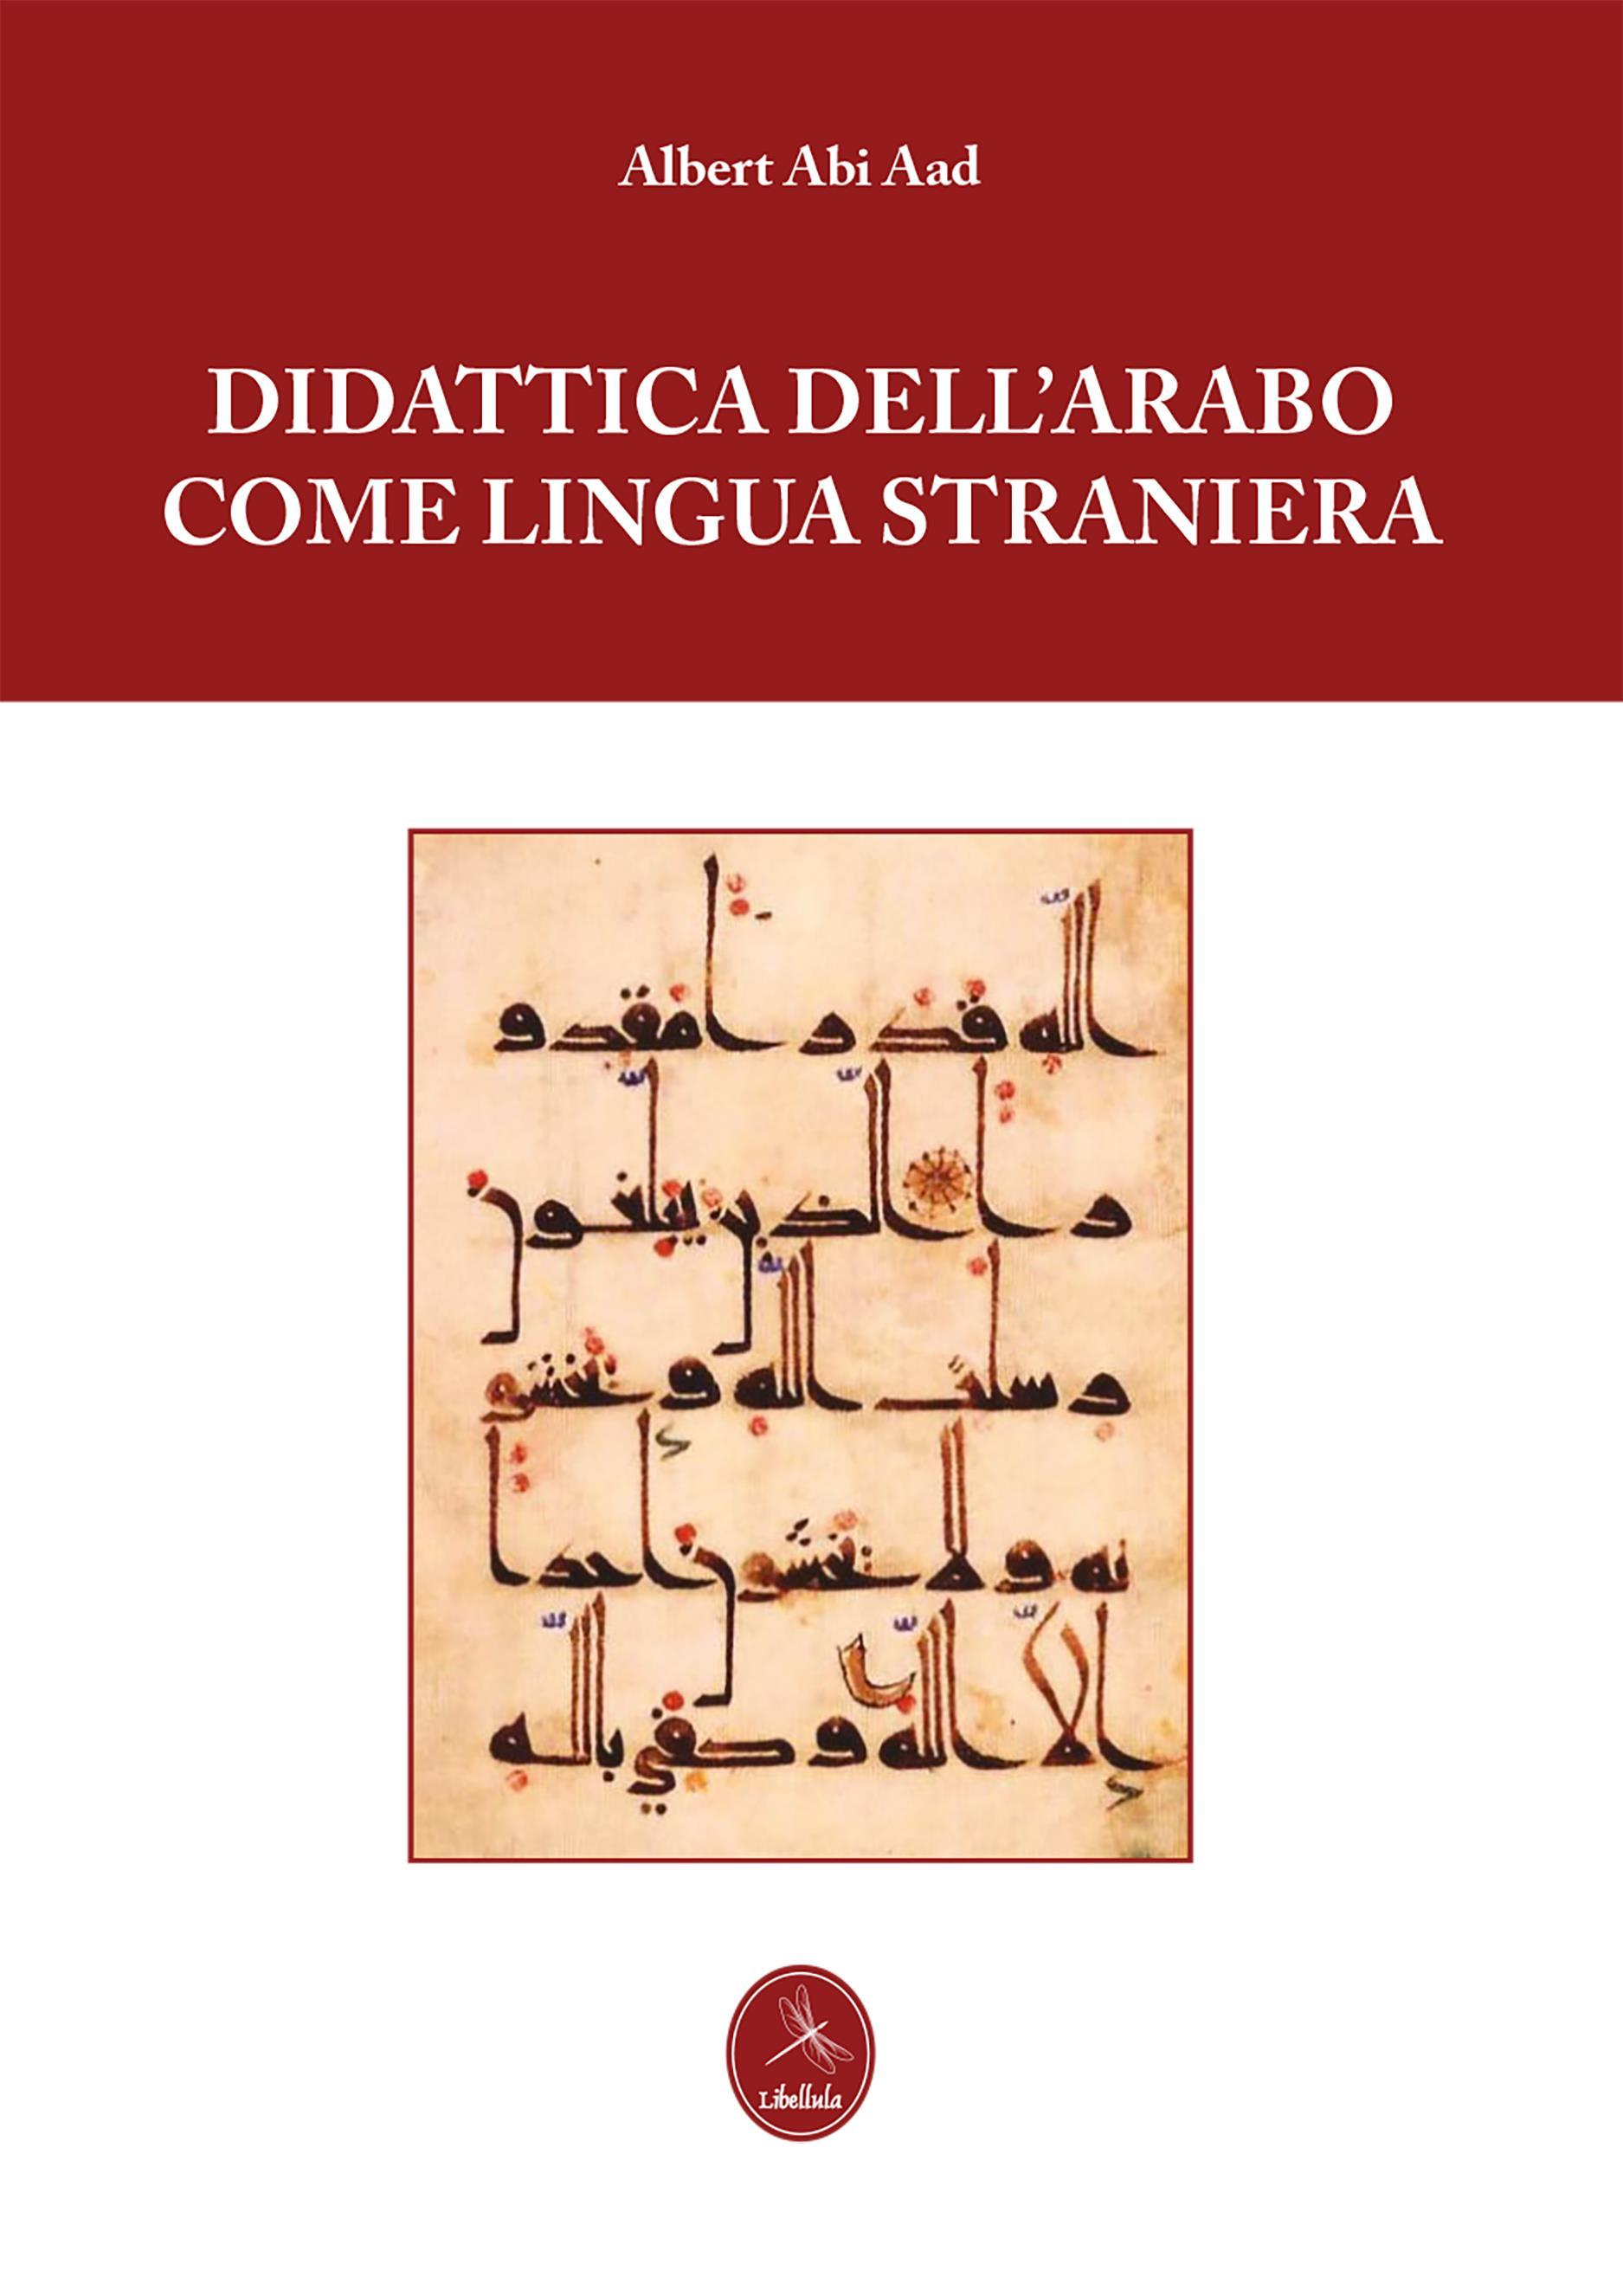 Didattica dell'arabo come lingua straniera